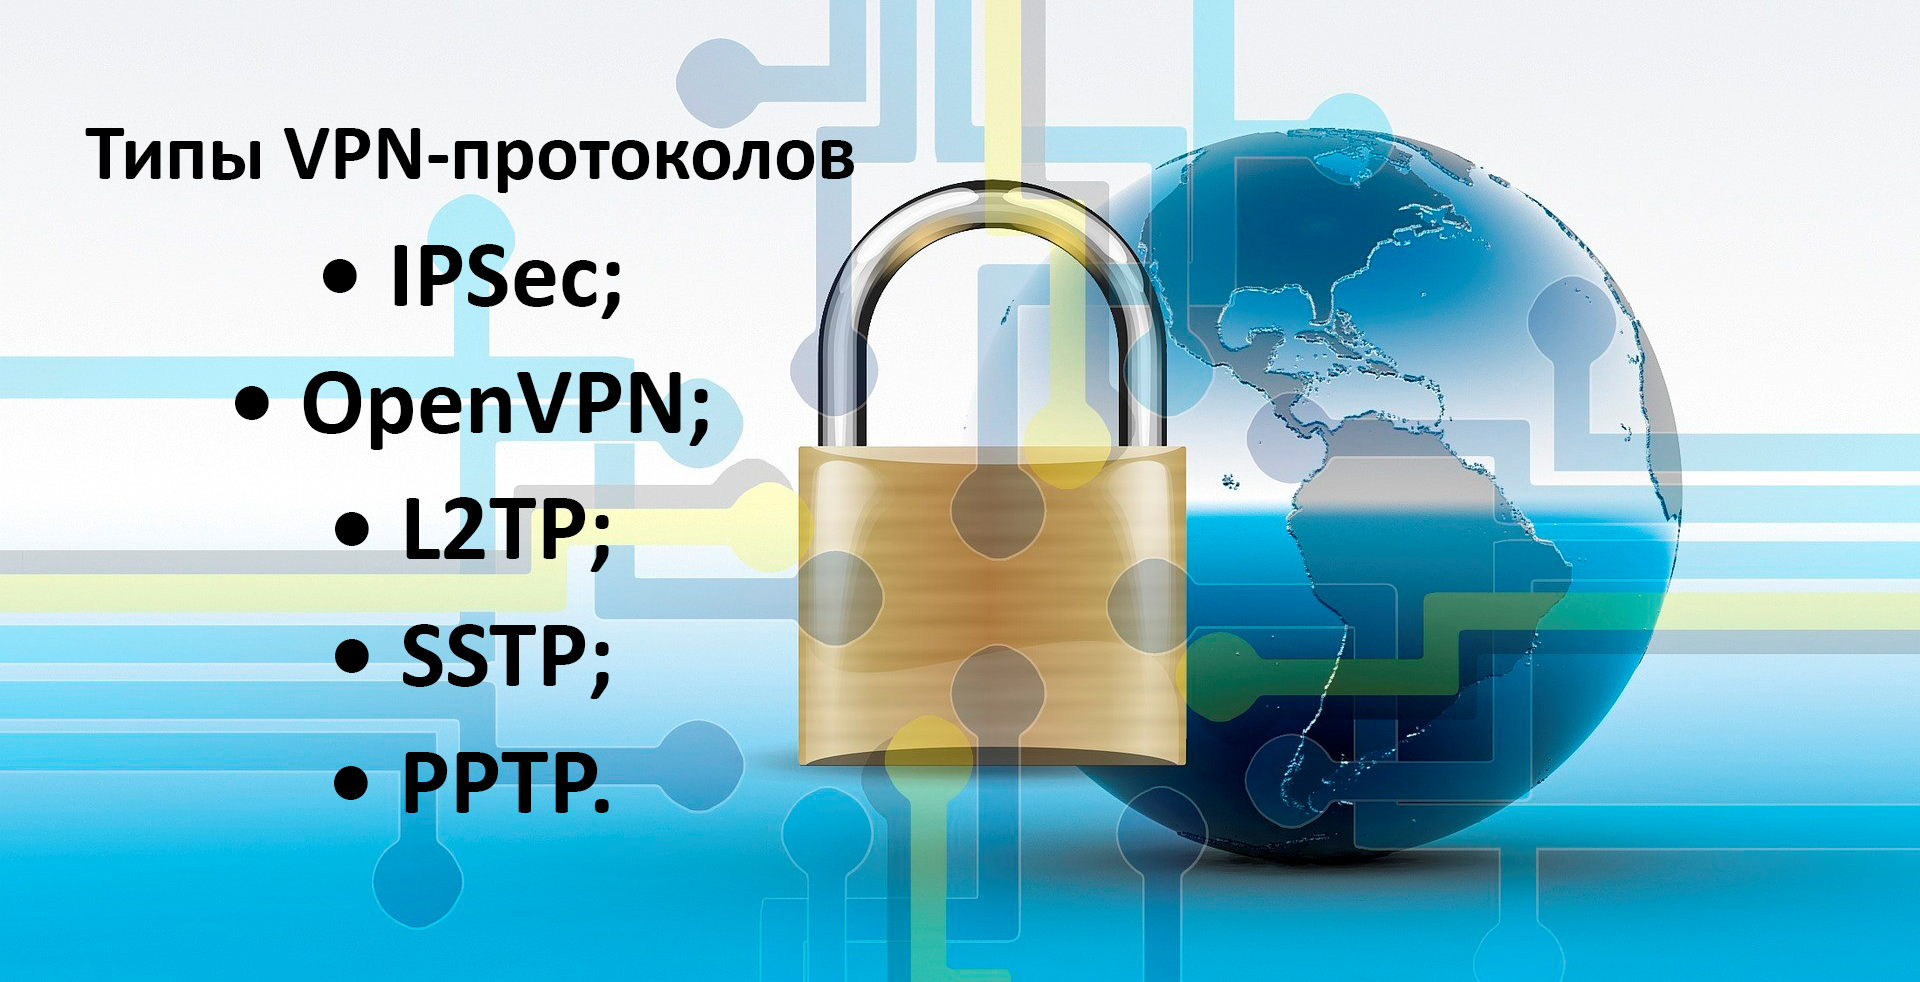 Типы VPN-протоколов